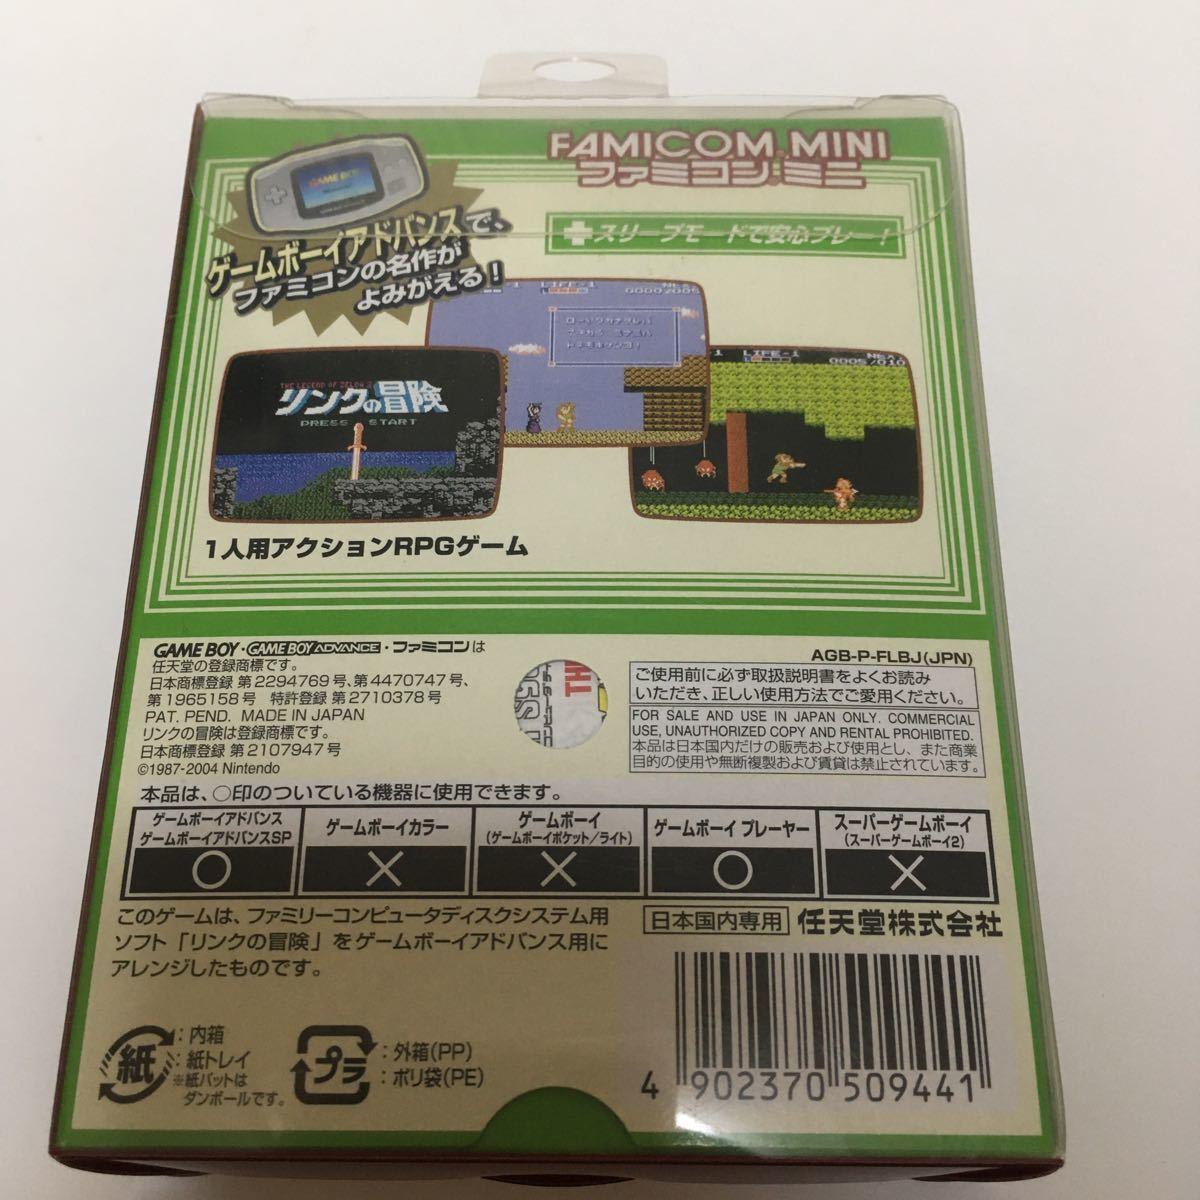 ゲームボーイアドバンス ソフト リンクの冒険 動作確認済み ファミコンミニ ゼルダの伝説 ディスクシステム レトロ カセット